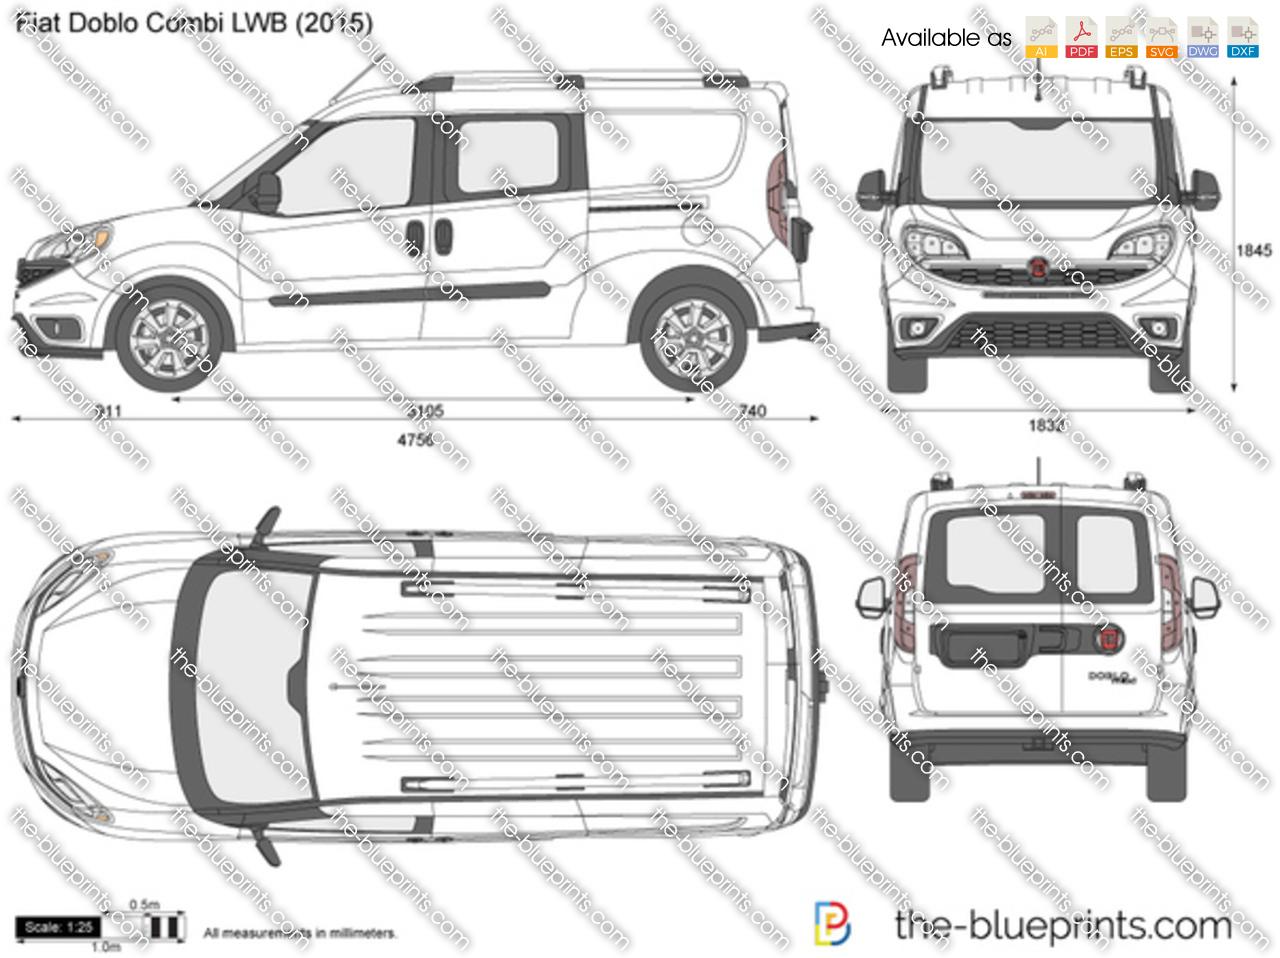 Fiat Doblo LWB Combi Maxi vector drawing